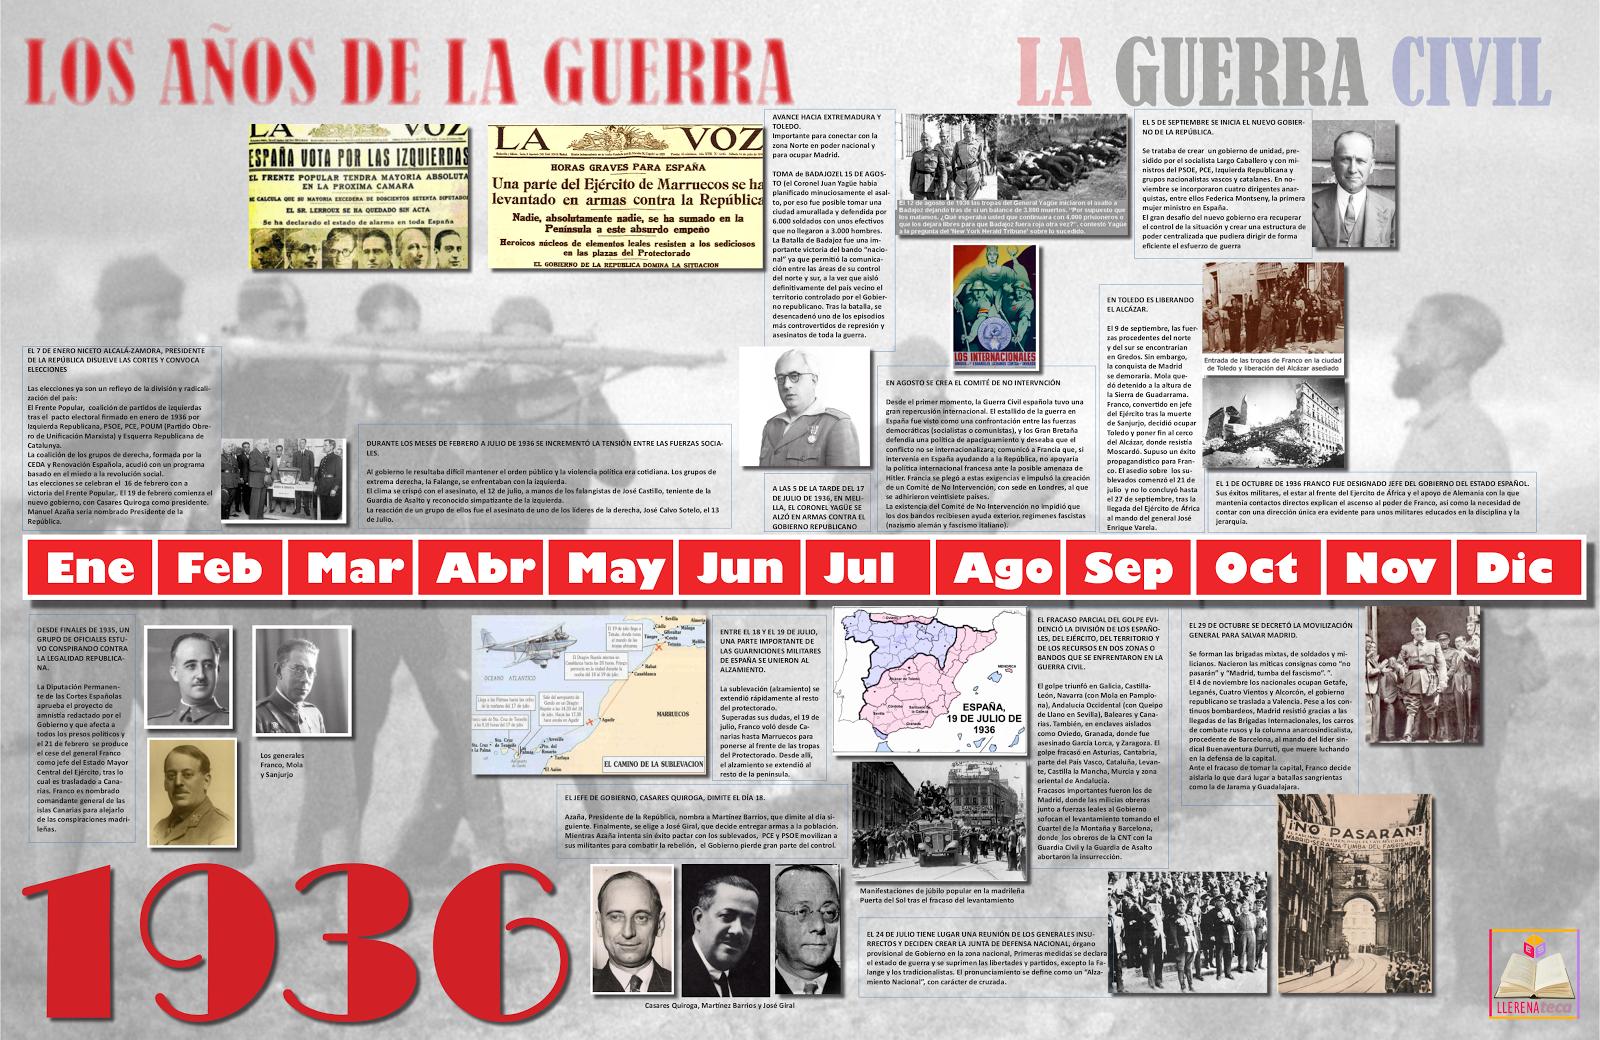 La guerra civil española: Proyecto interdisciplinar